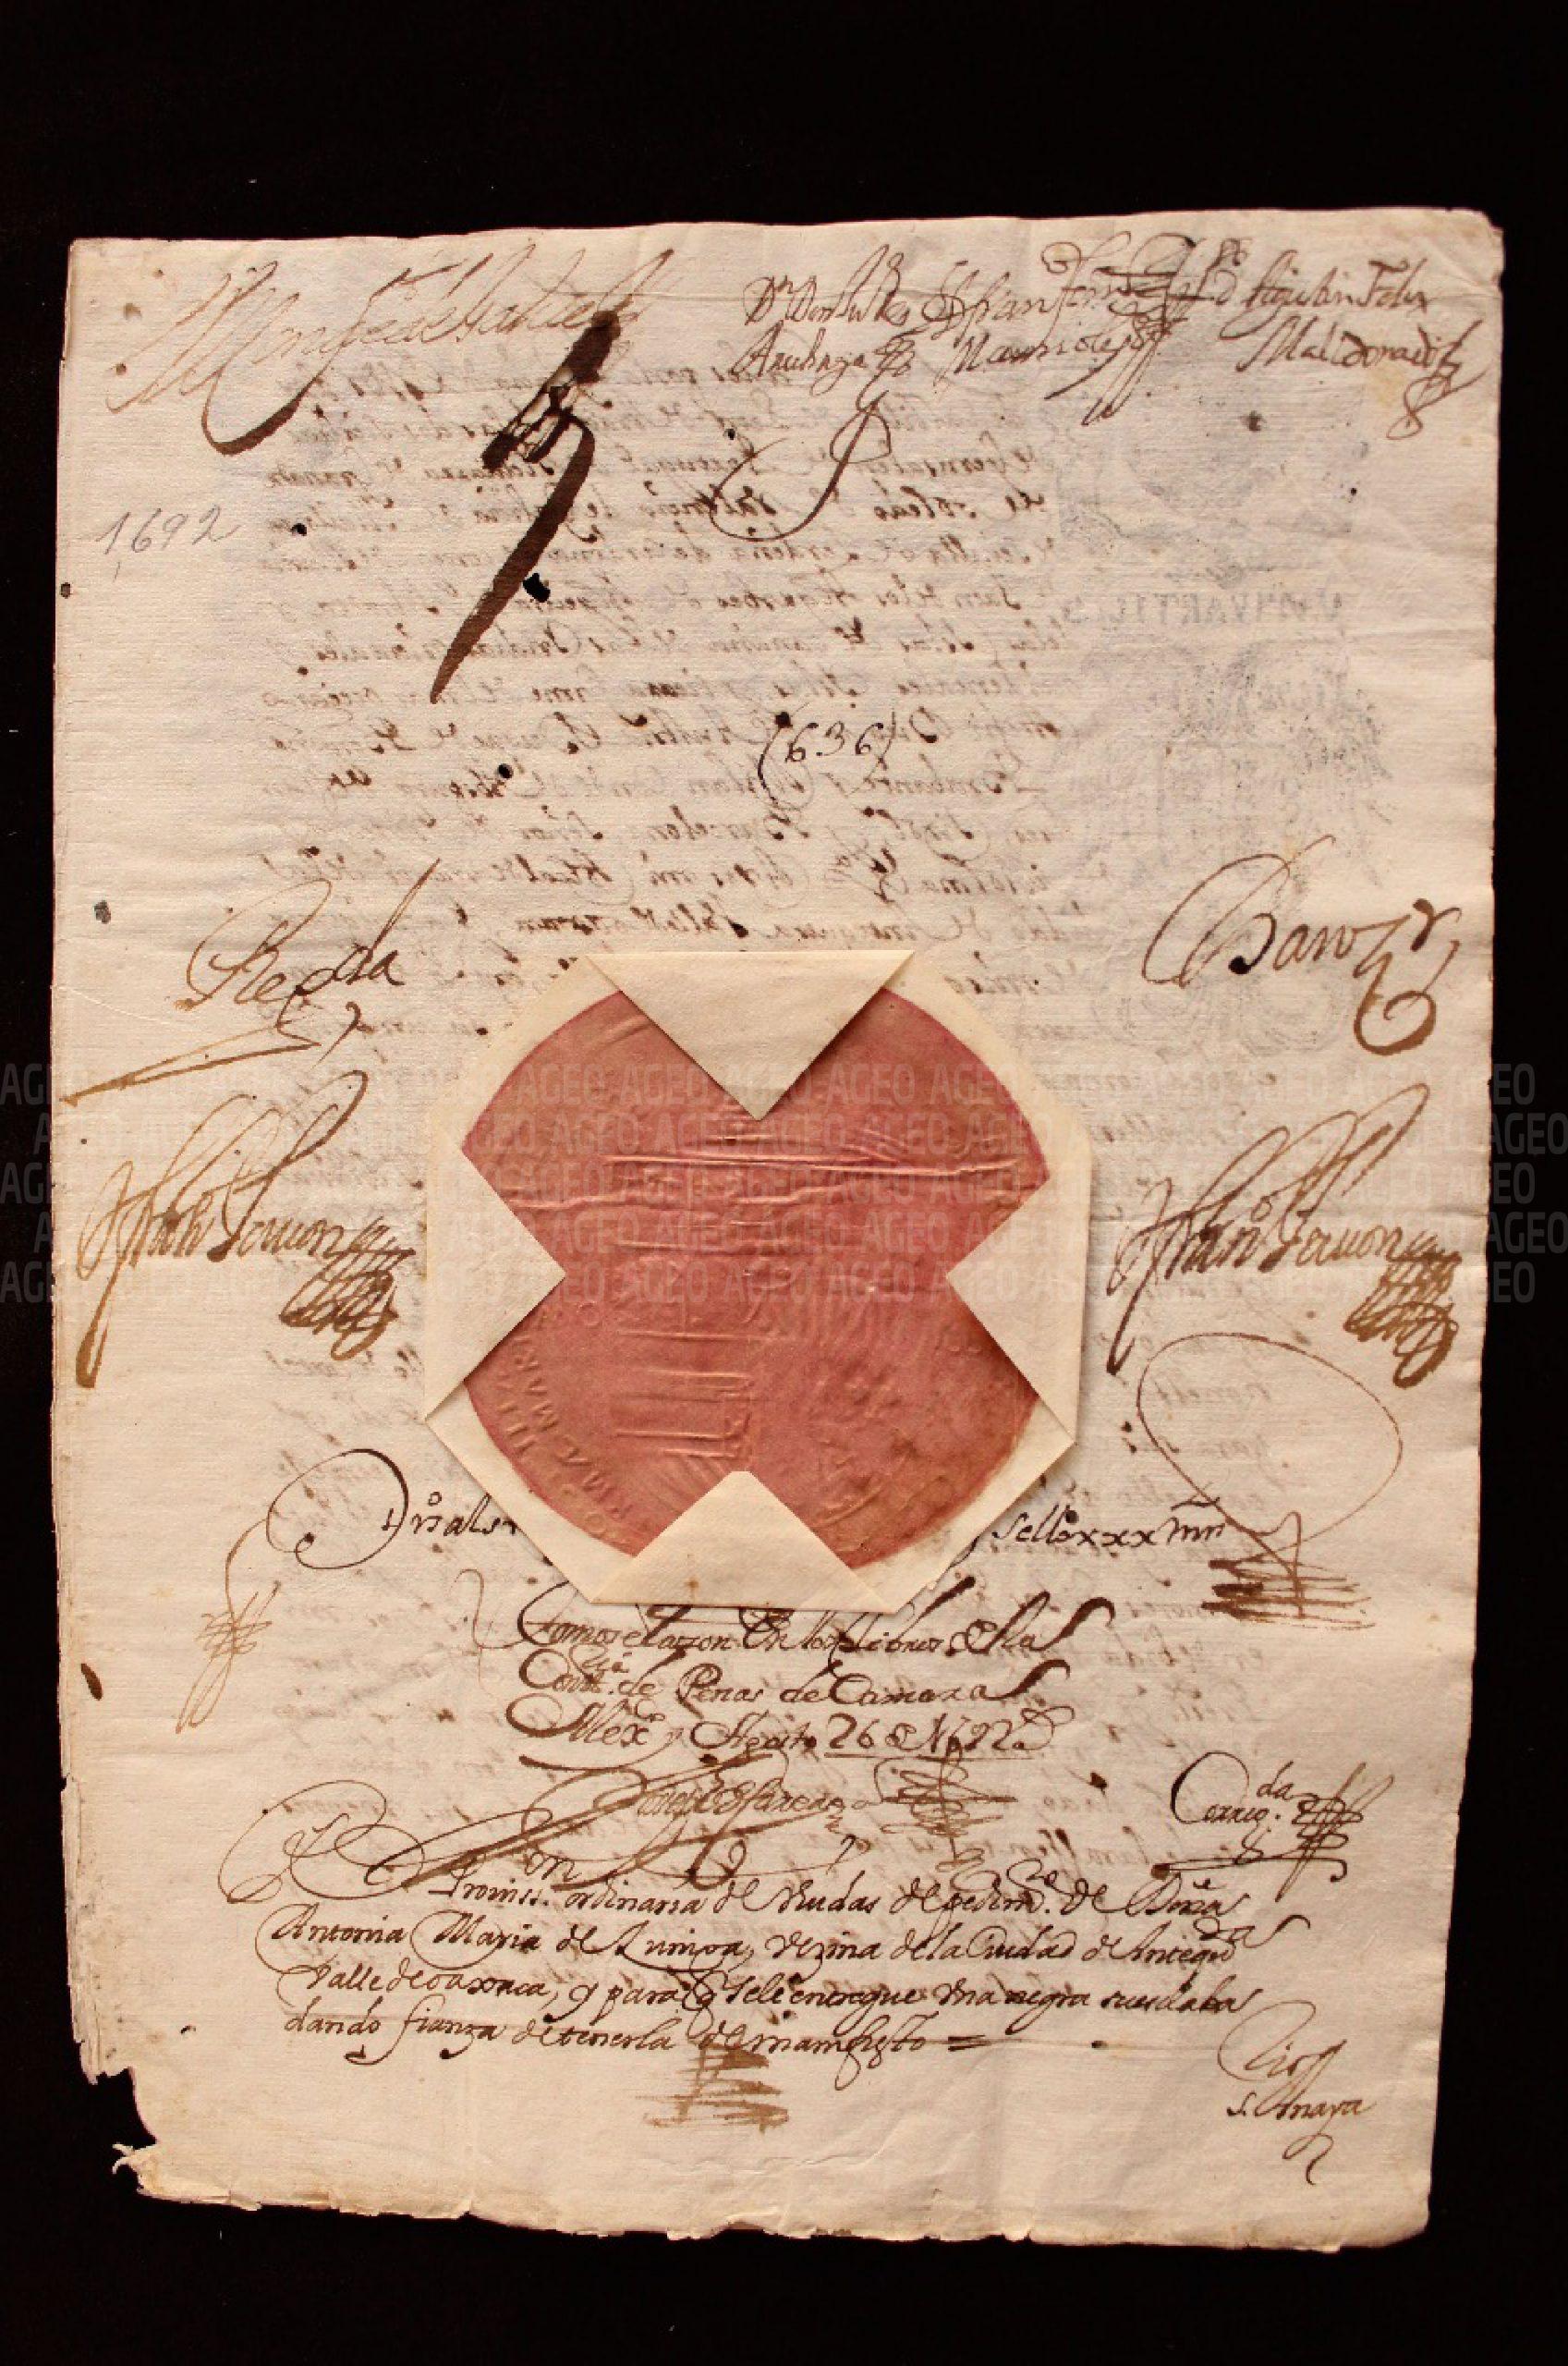 Mi contacto con documentos históricos